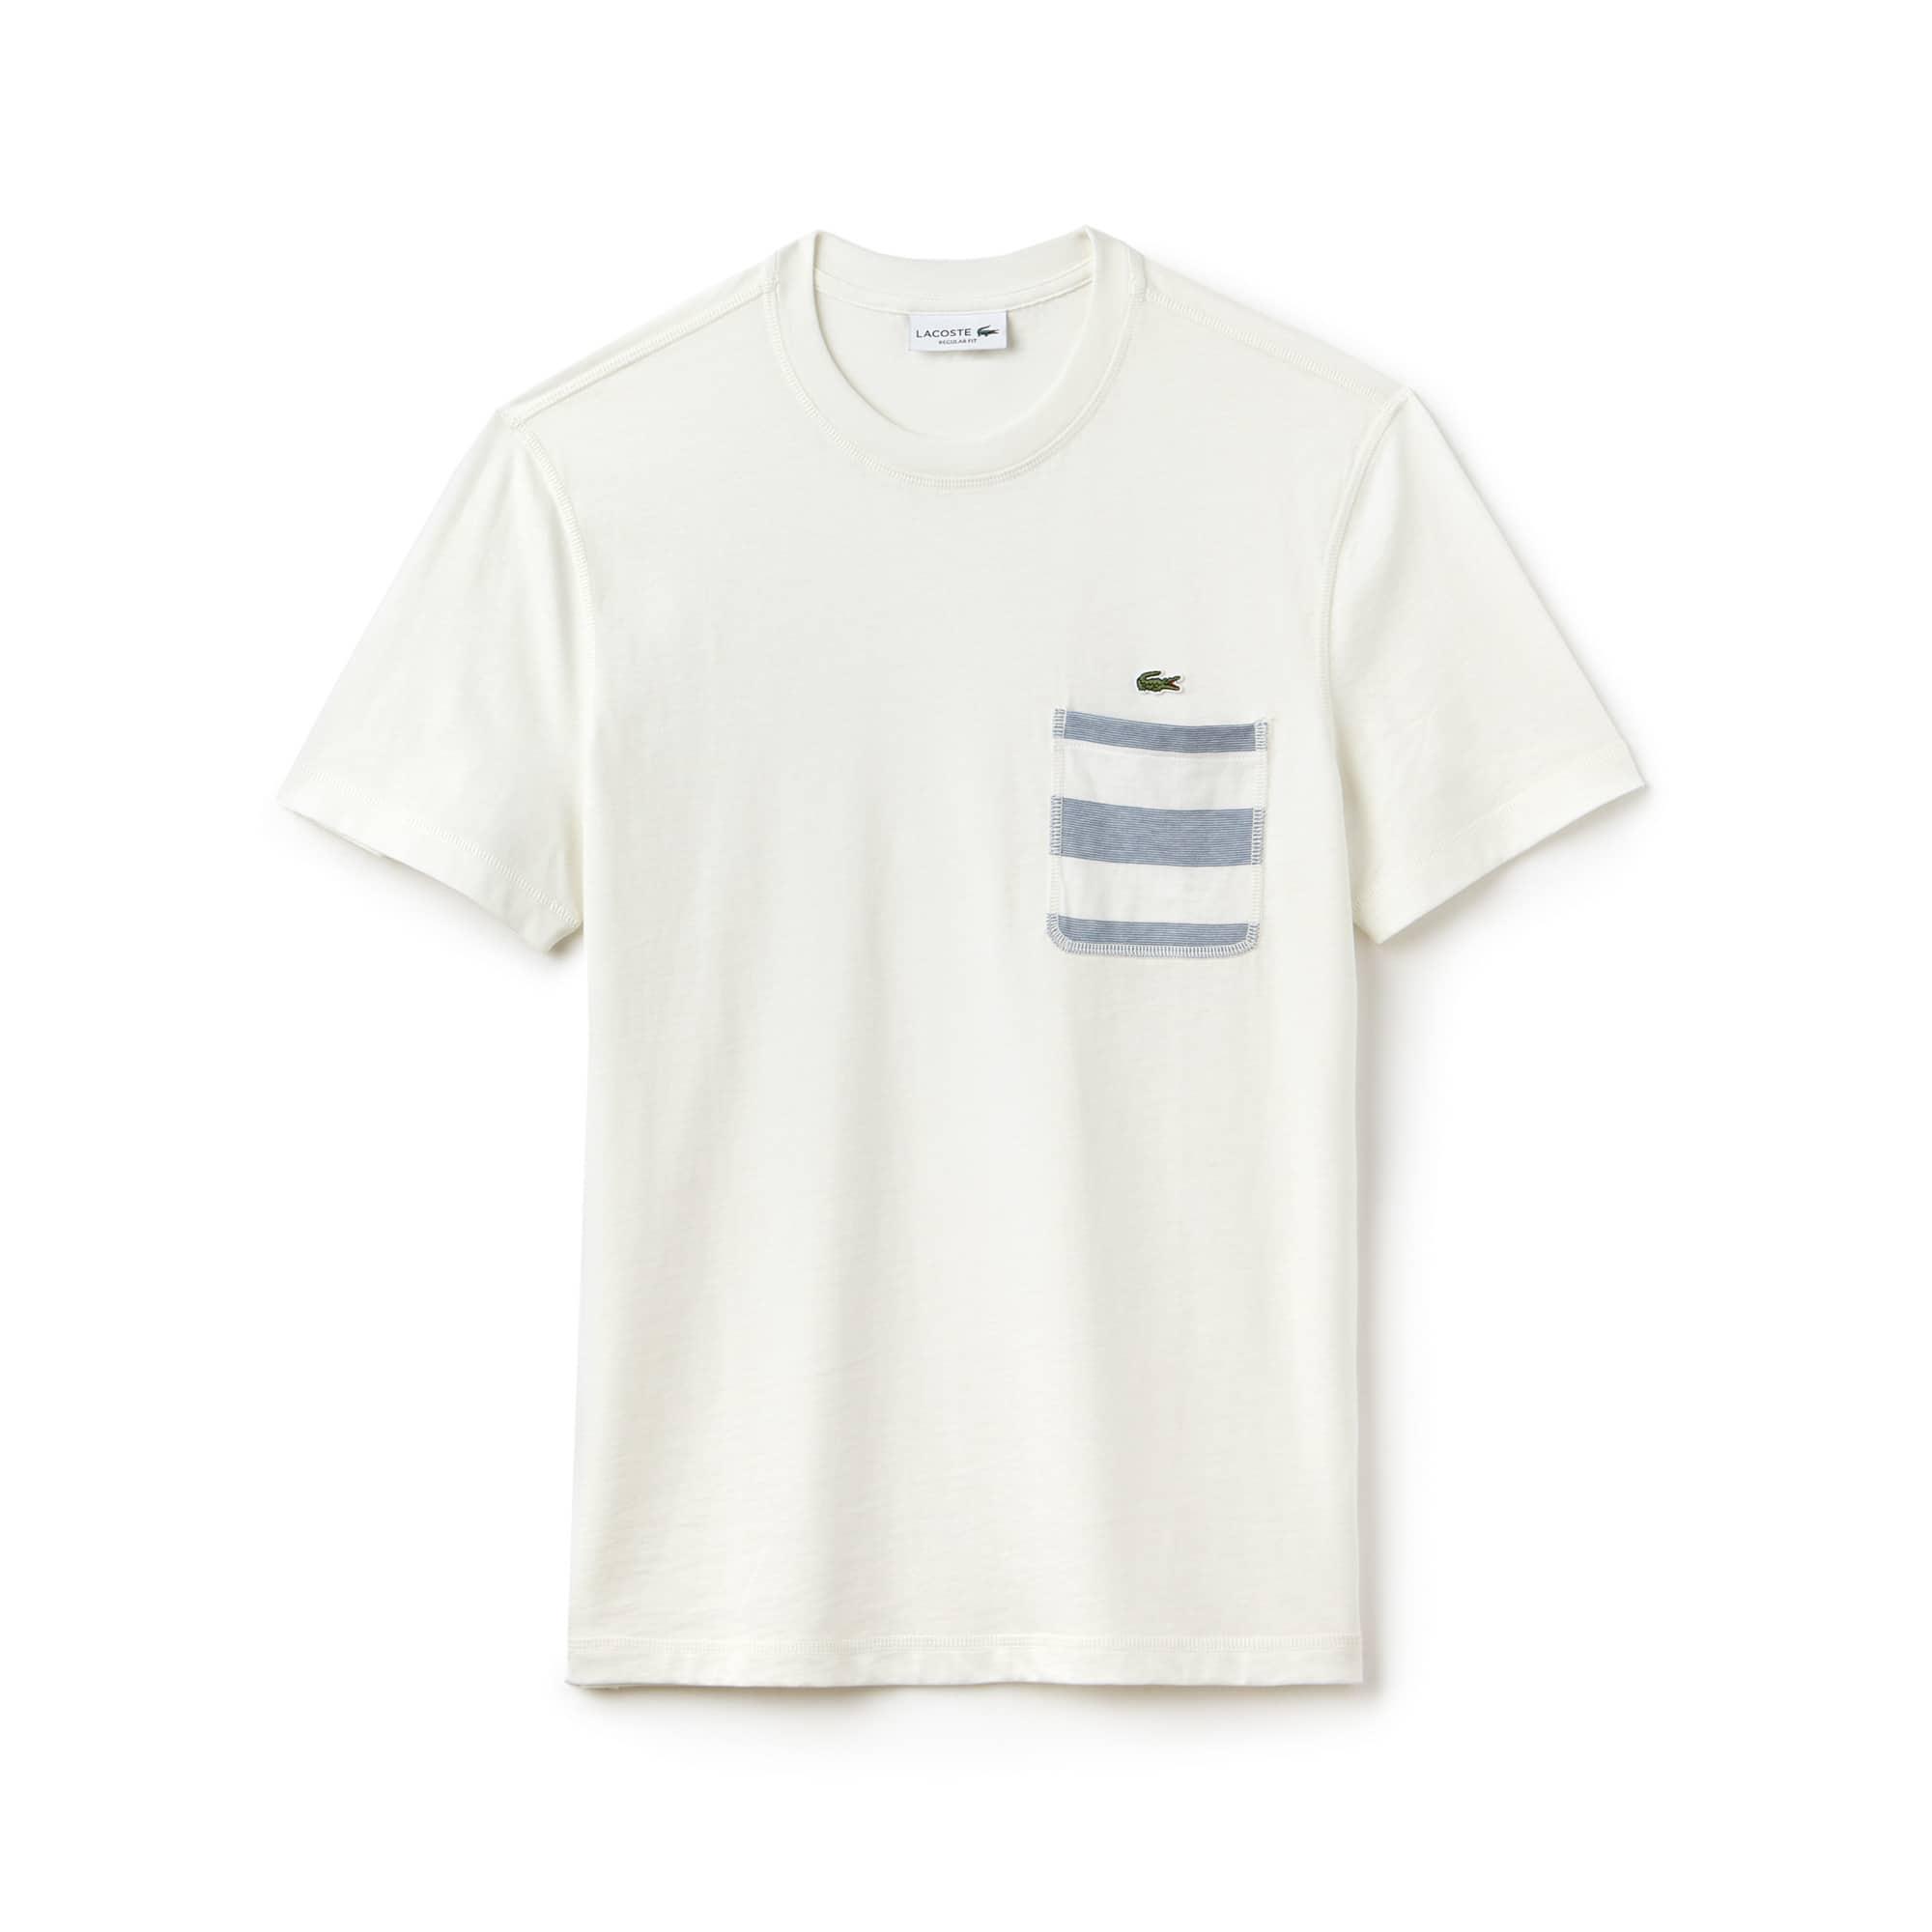 T-shirt a girocollo in jersey di cotone con taschino a righe